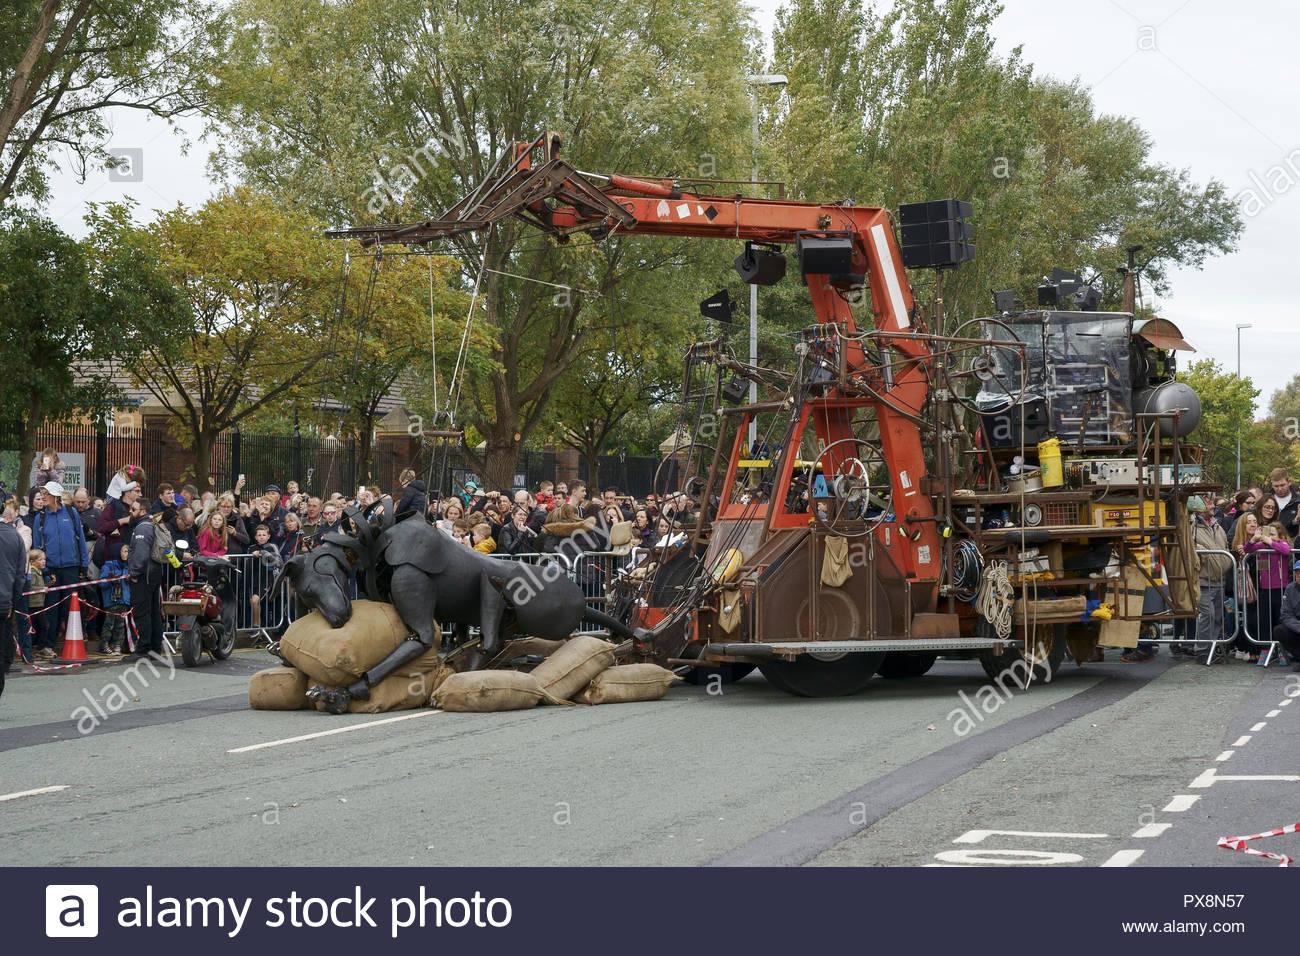 El perro Xolo toma un descanso durante los gigantes espectacular desfile en el centro de la ciudad de Liverpool, Reino Unido Foto de stock